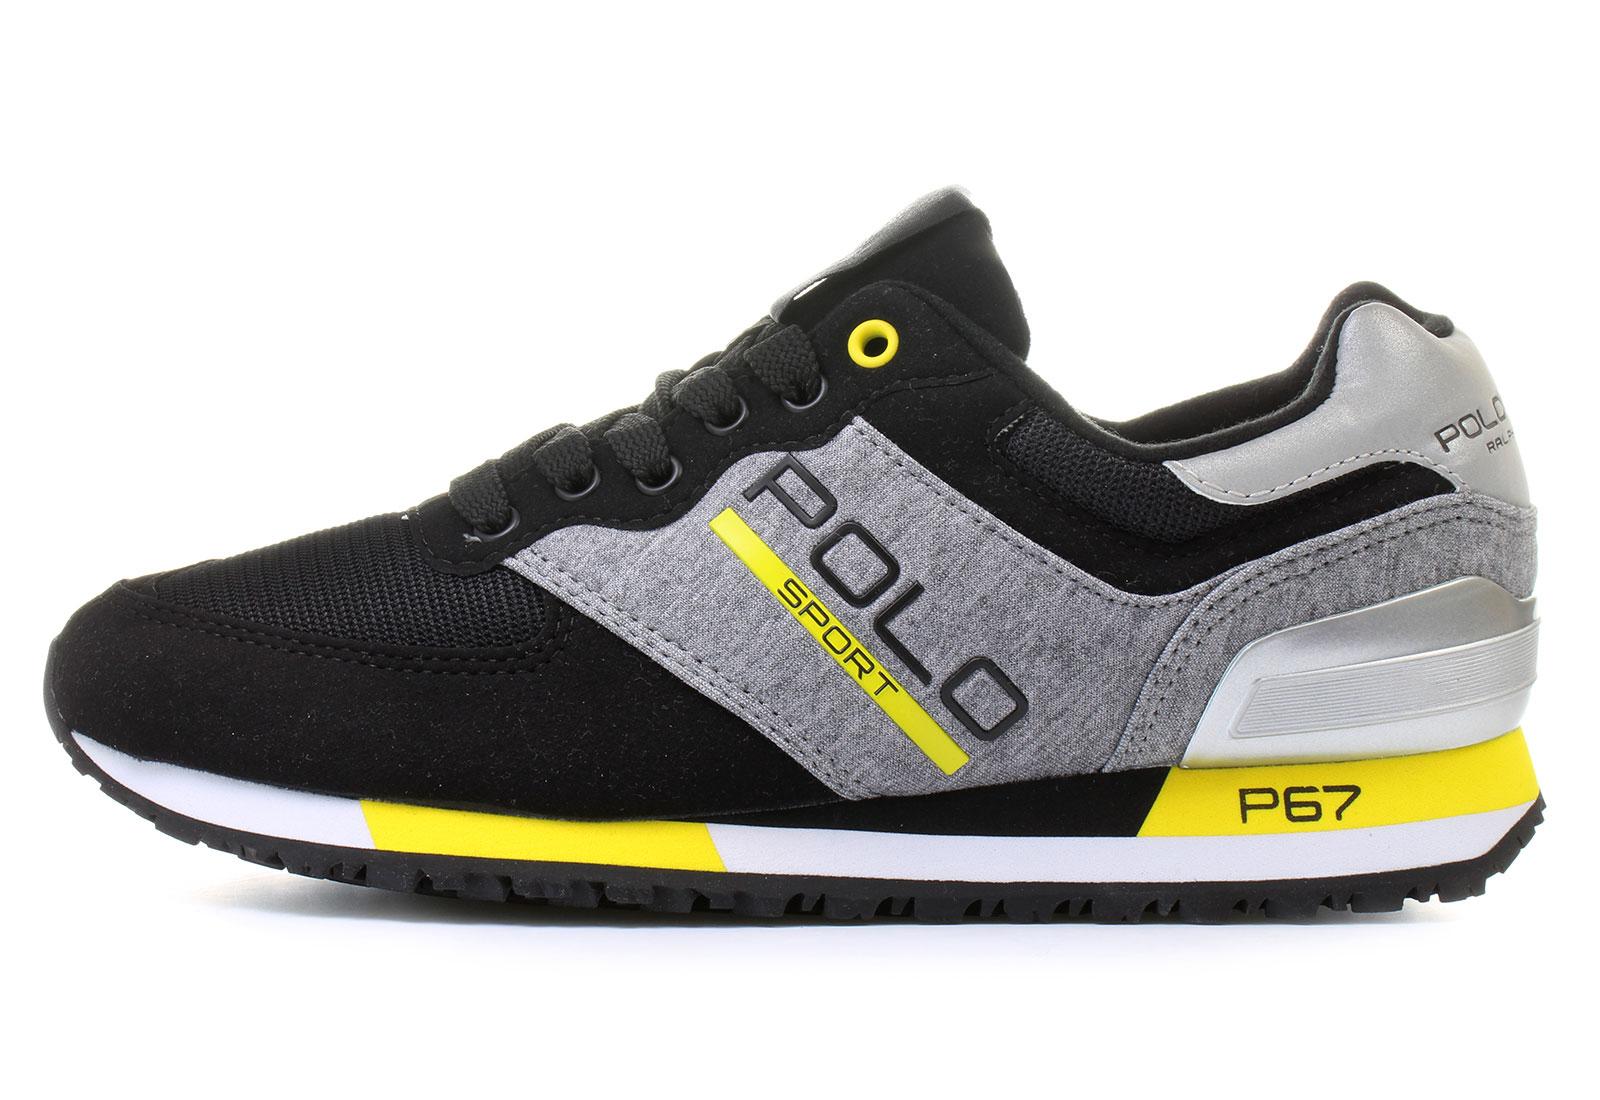 Polo Ralph Lauren Cipő - Slaton Polo - Z07C-X-XW0M5 - Office Shoes ... 06154ab79d